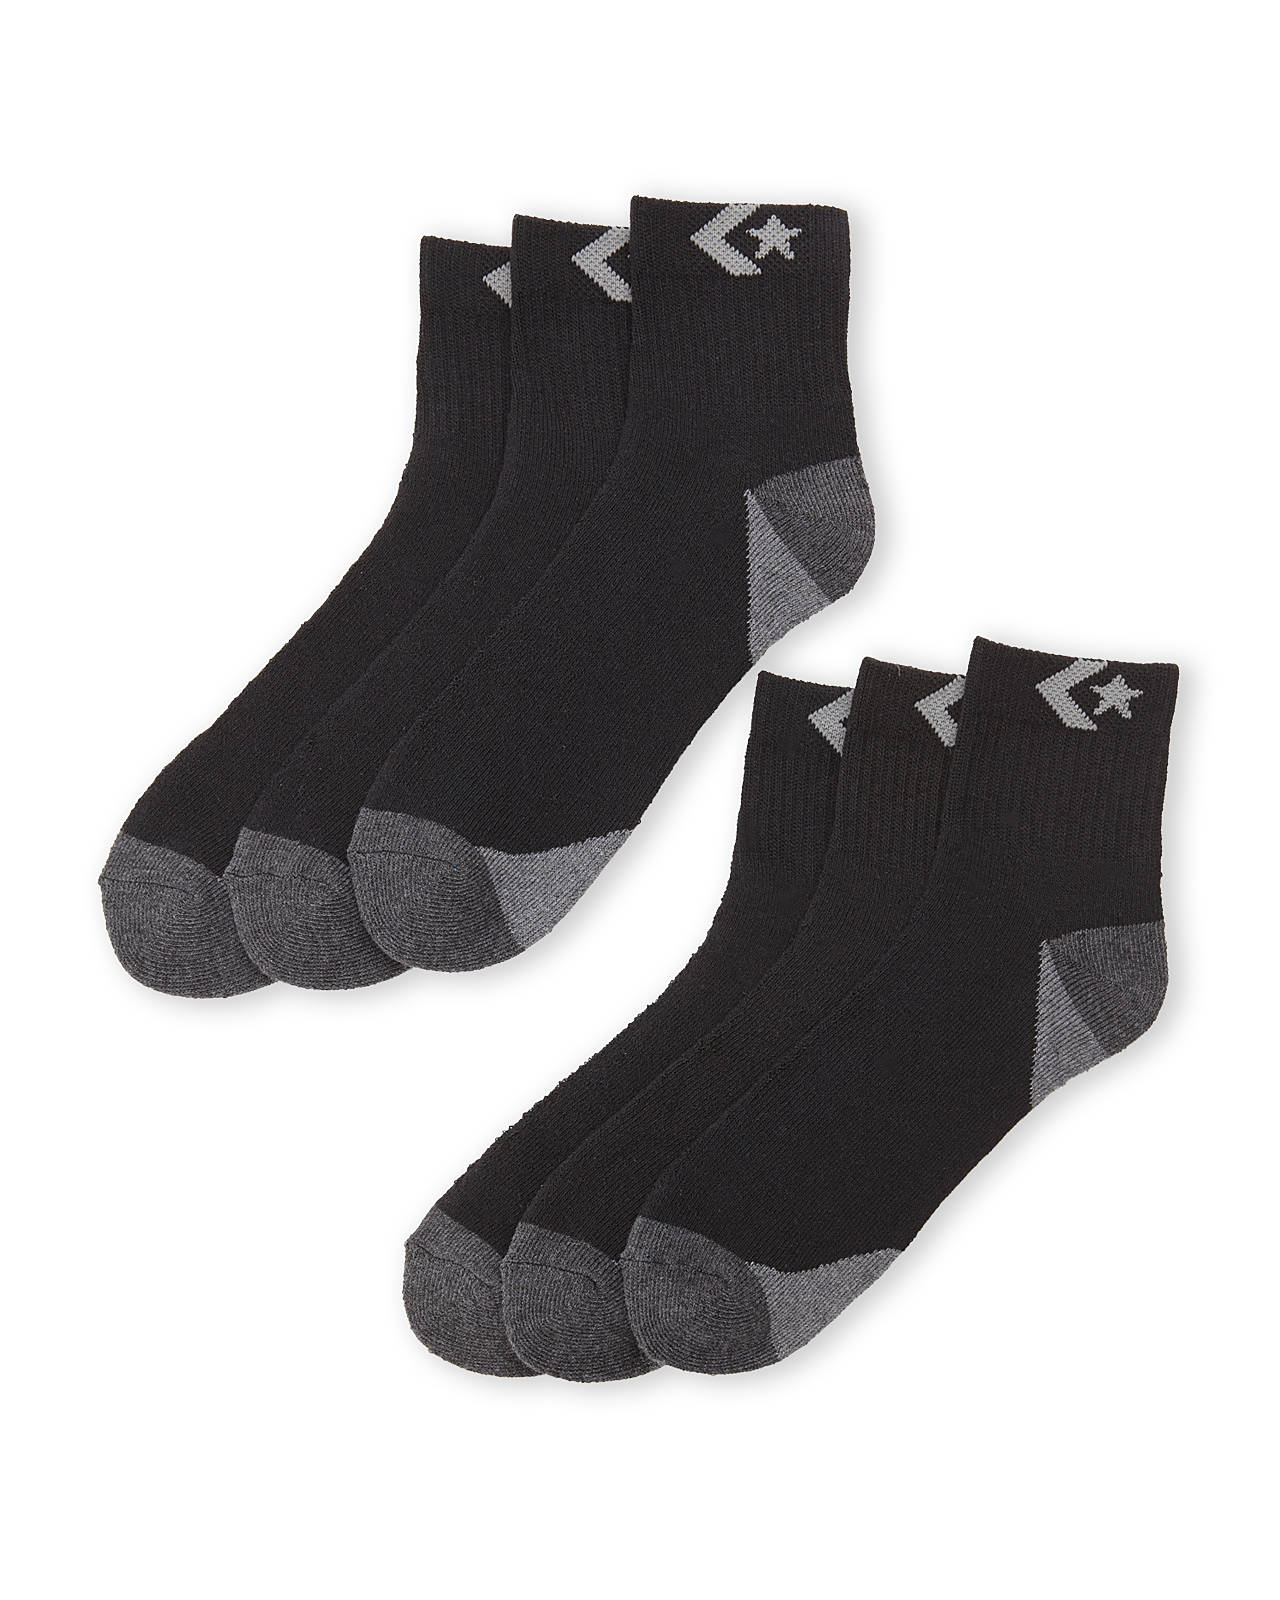 849f02ebbf6e Lyst - Converse 6-Pack Quarter Socks in Black for Men